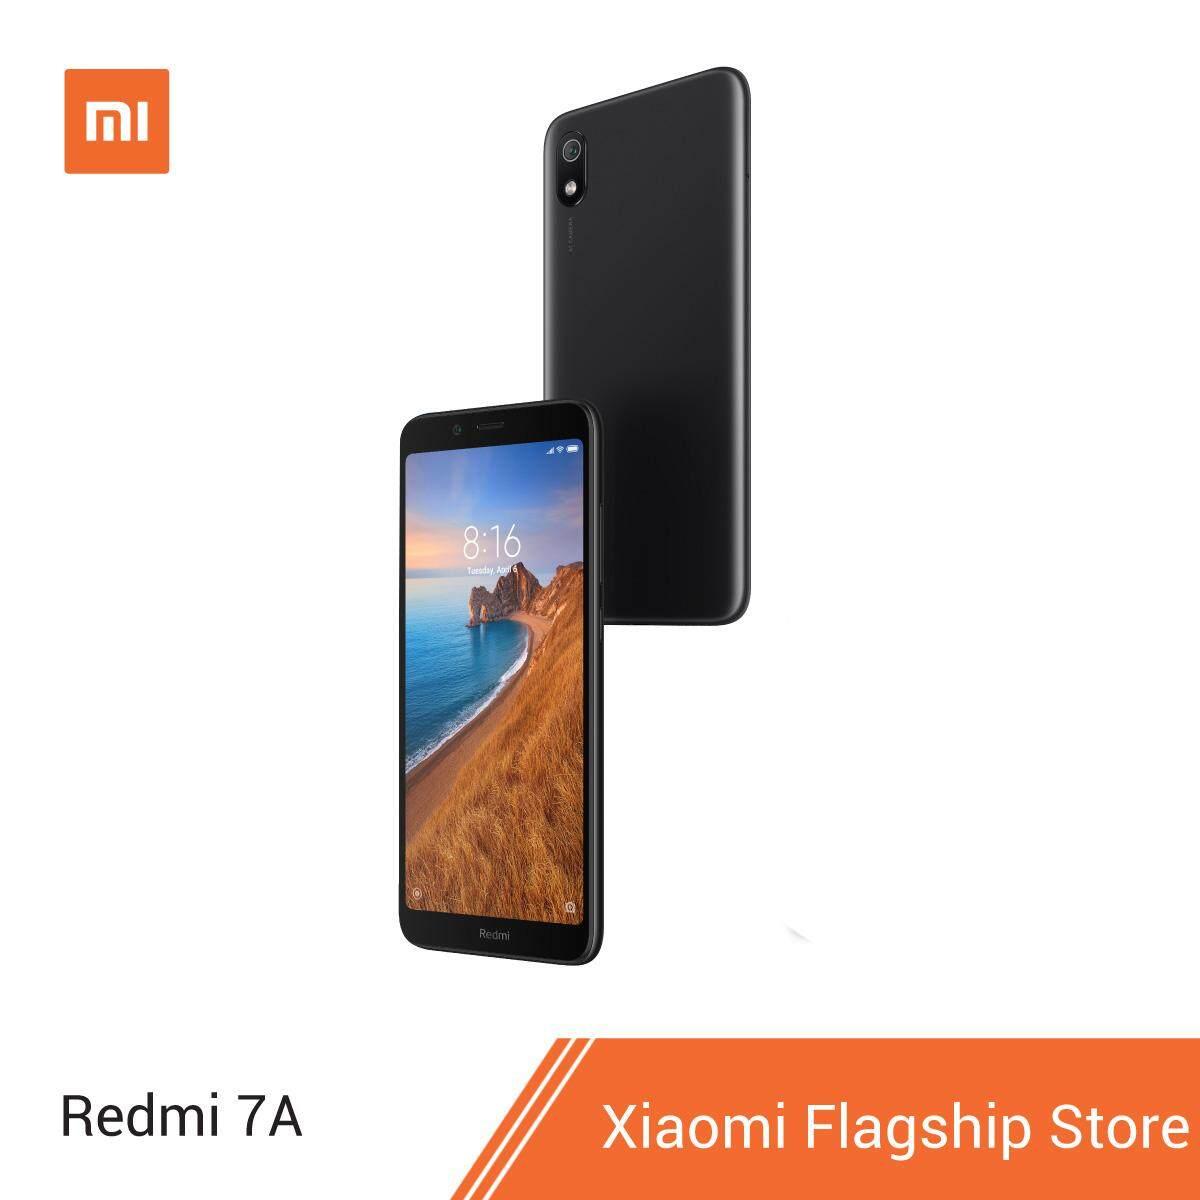 [Pre Order] Xiaomi Redmi 7A (2/32GB) ฟรี! Micro SD Card 32GB เริ่มส่งของวันที่ 11 ก.ค. เป็นต้นไป  - 22650290129a862e126886c6e15ad0cb - เรื่องเล่าจาก Sekiro | ประทัดไฟของโรเบิร์ต และชีวิตอมตะของวัดเซมโปว